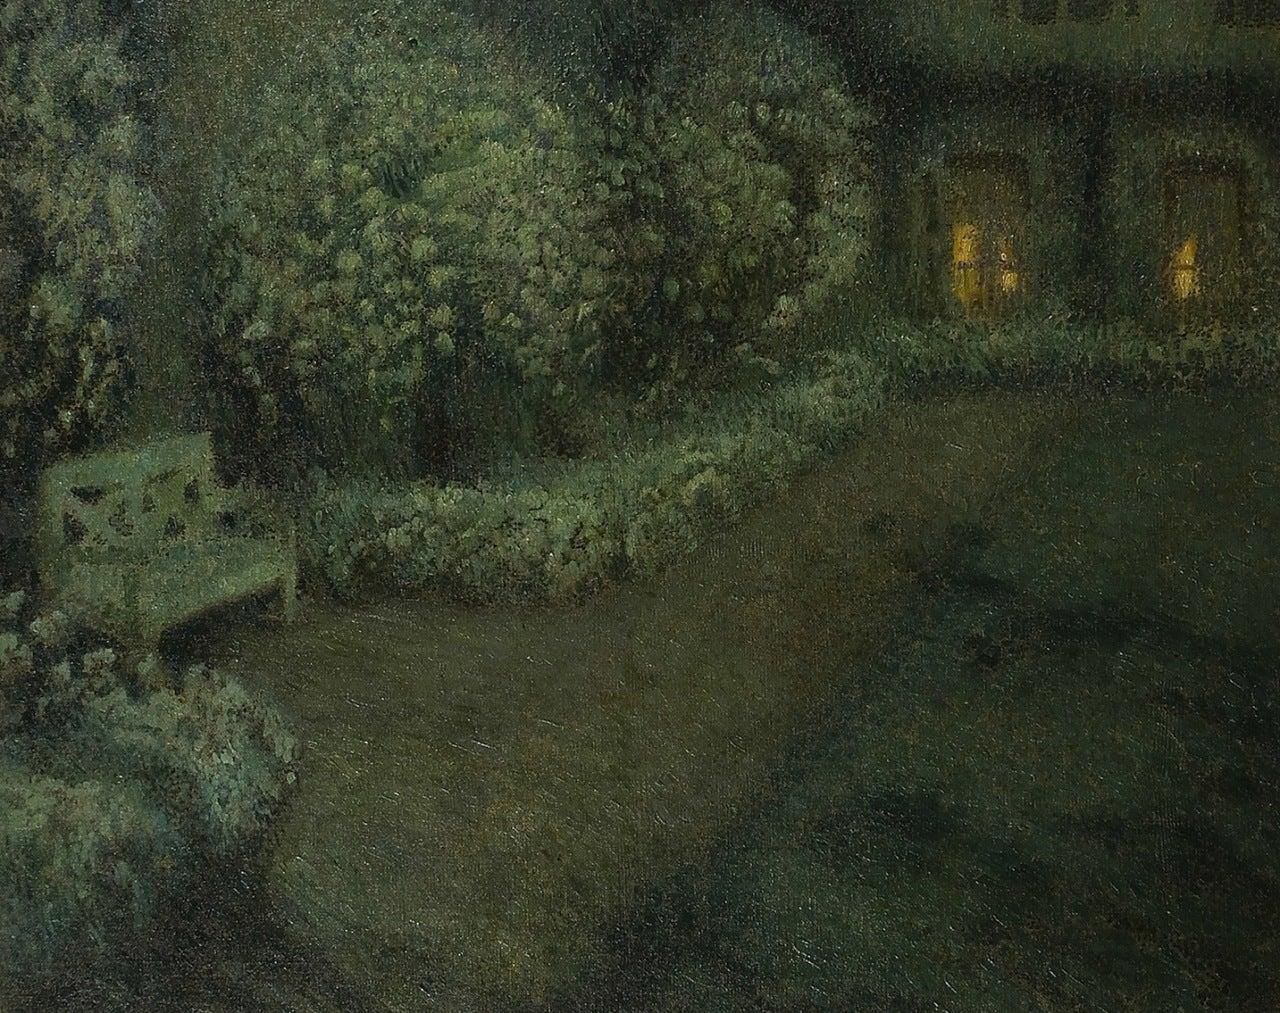 Henri le sidaner le jardin blanc au clair de lune for Jardin lune